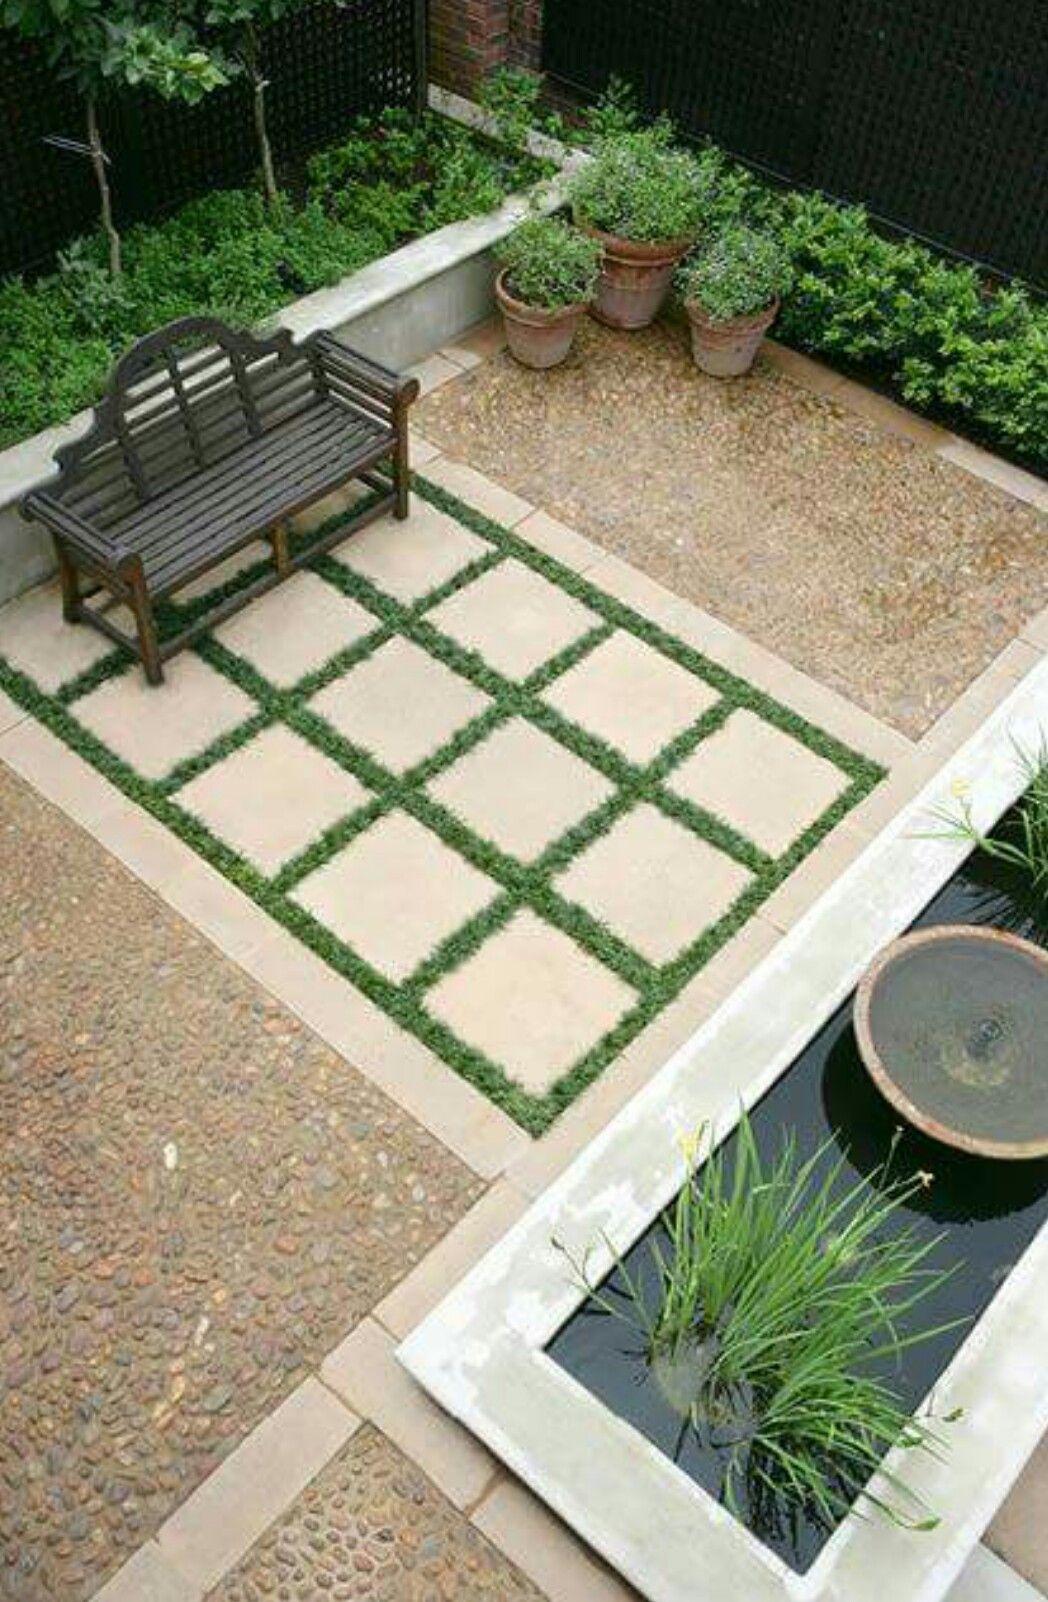 Pin by deborah todd on bg outdoor dise o de jardin - Estanque terraza piso ...